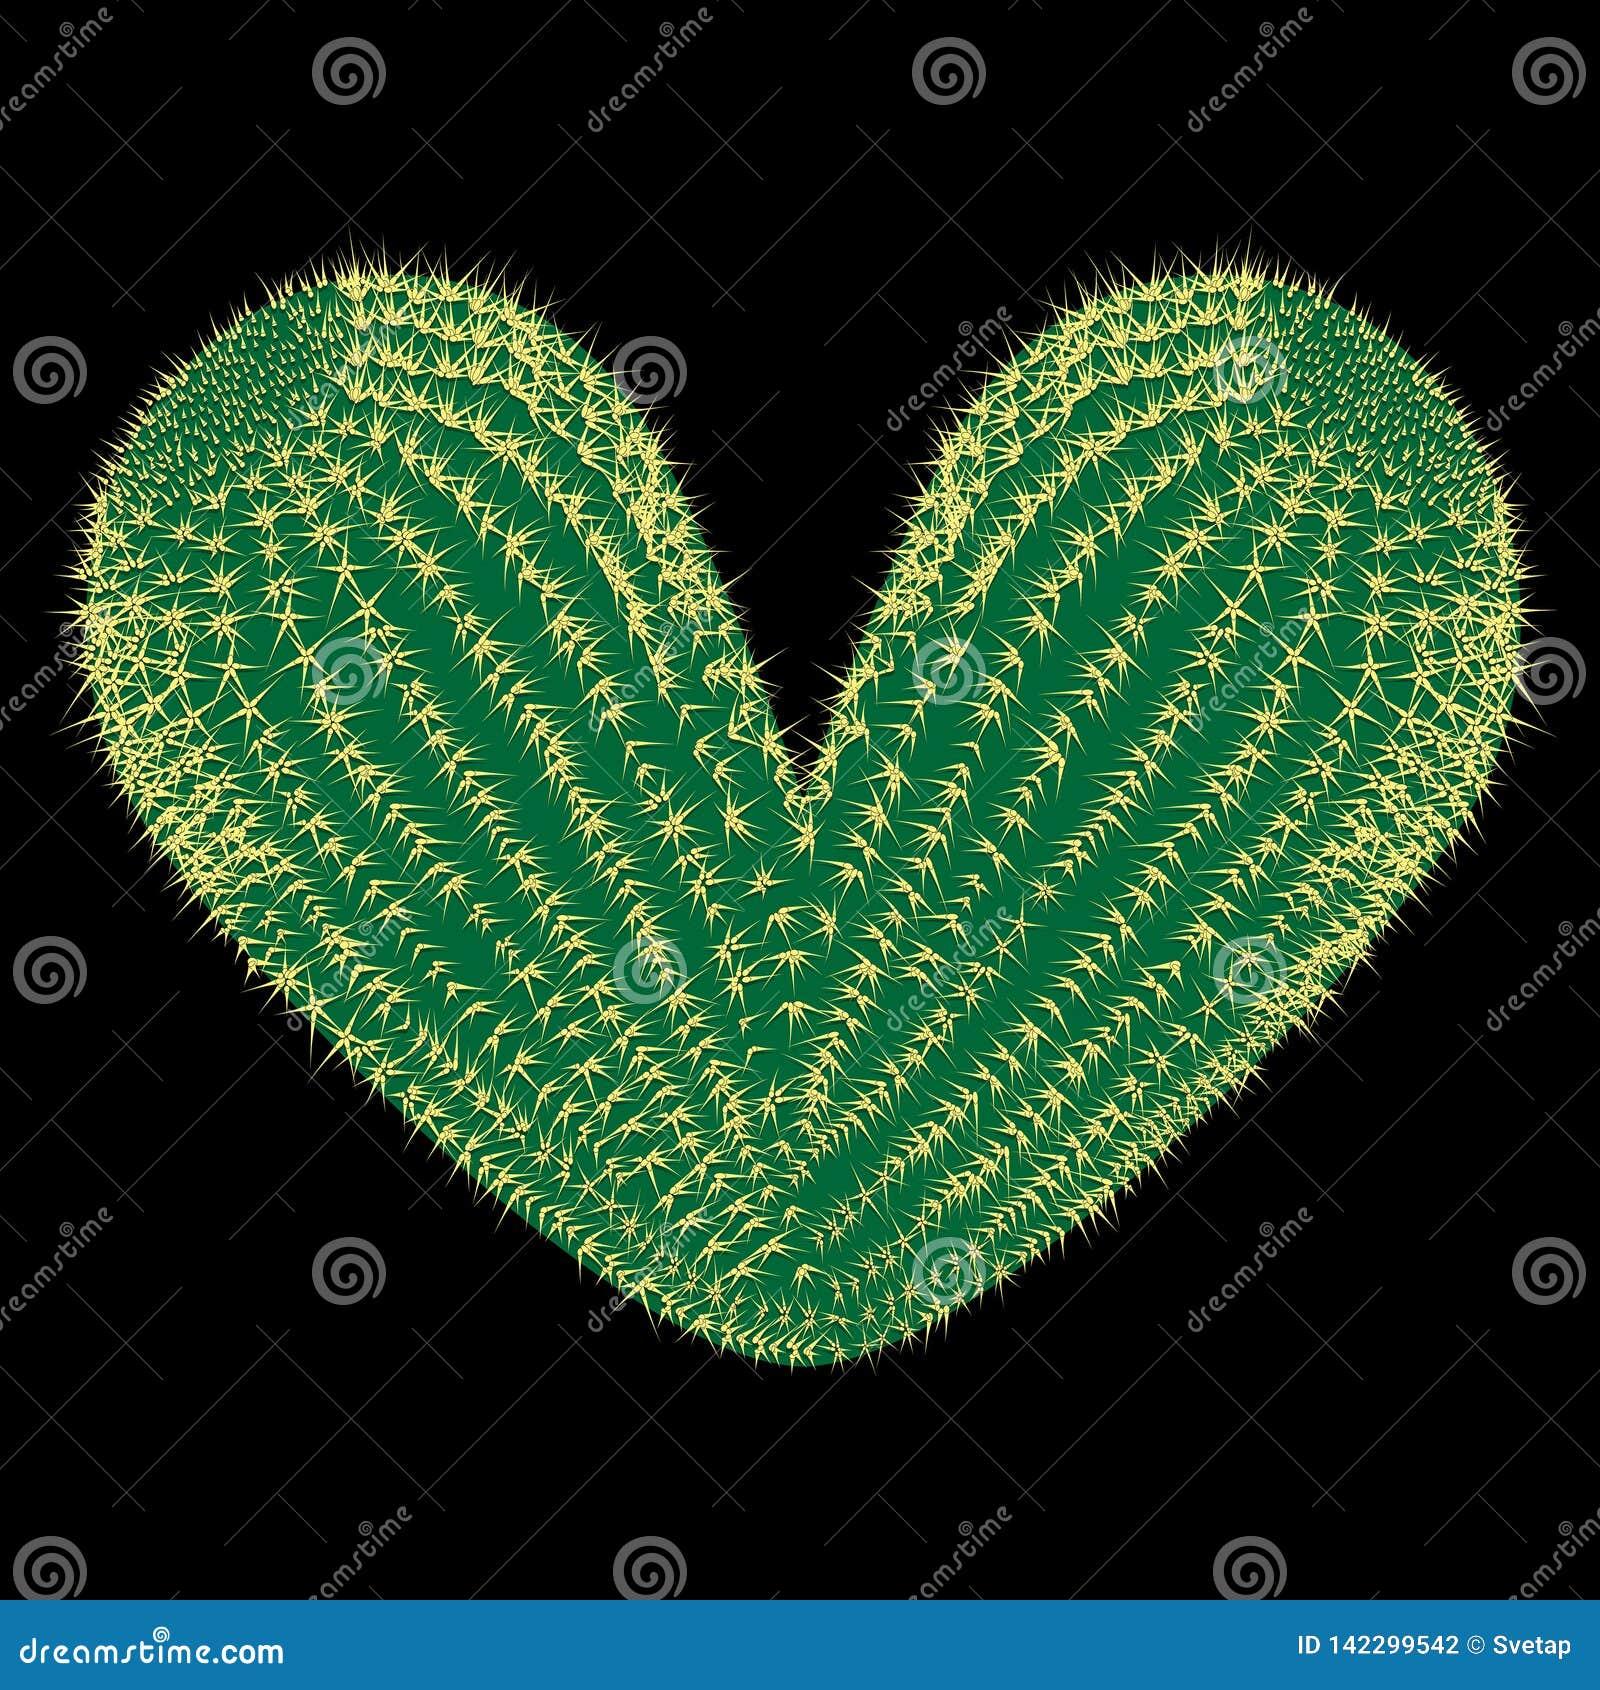 Netelig hart Vector netelige cactus in de vorm van hartillustratie